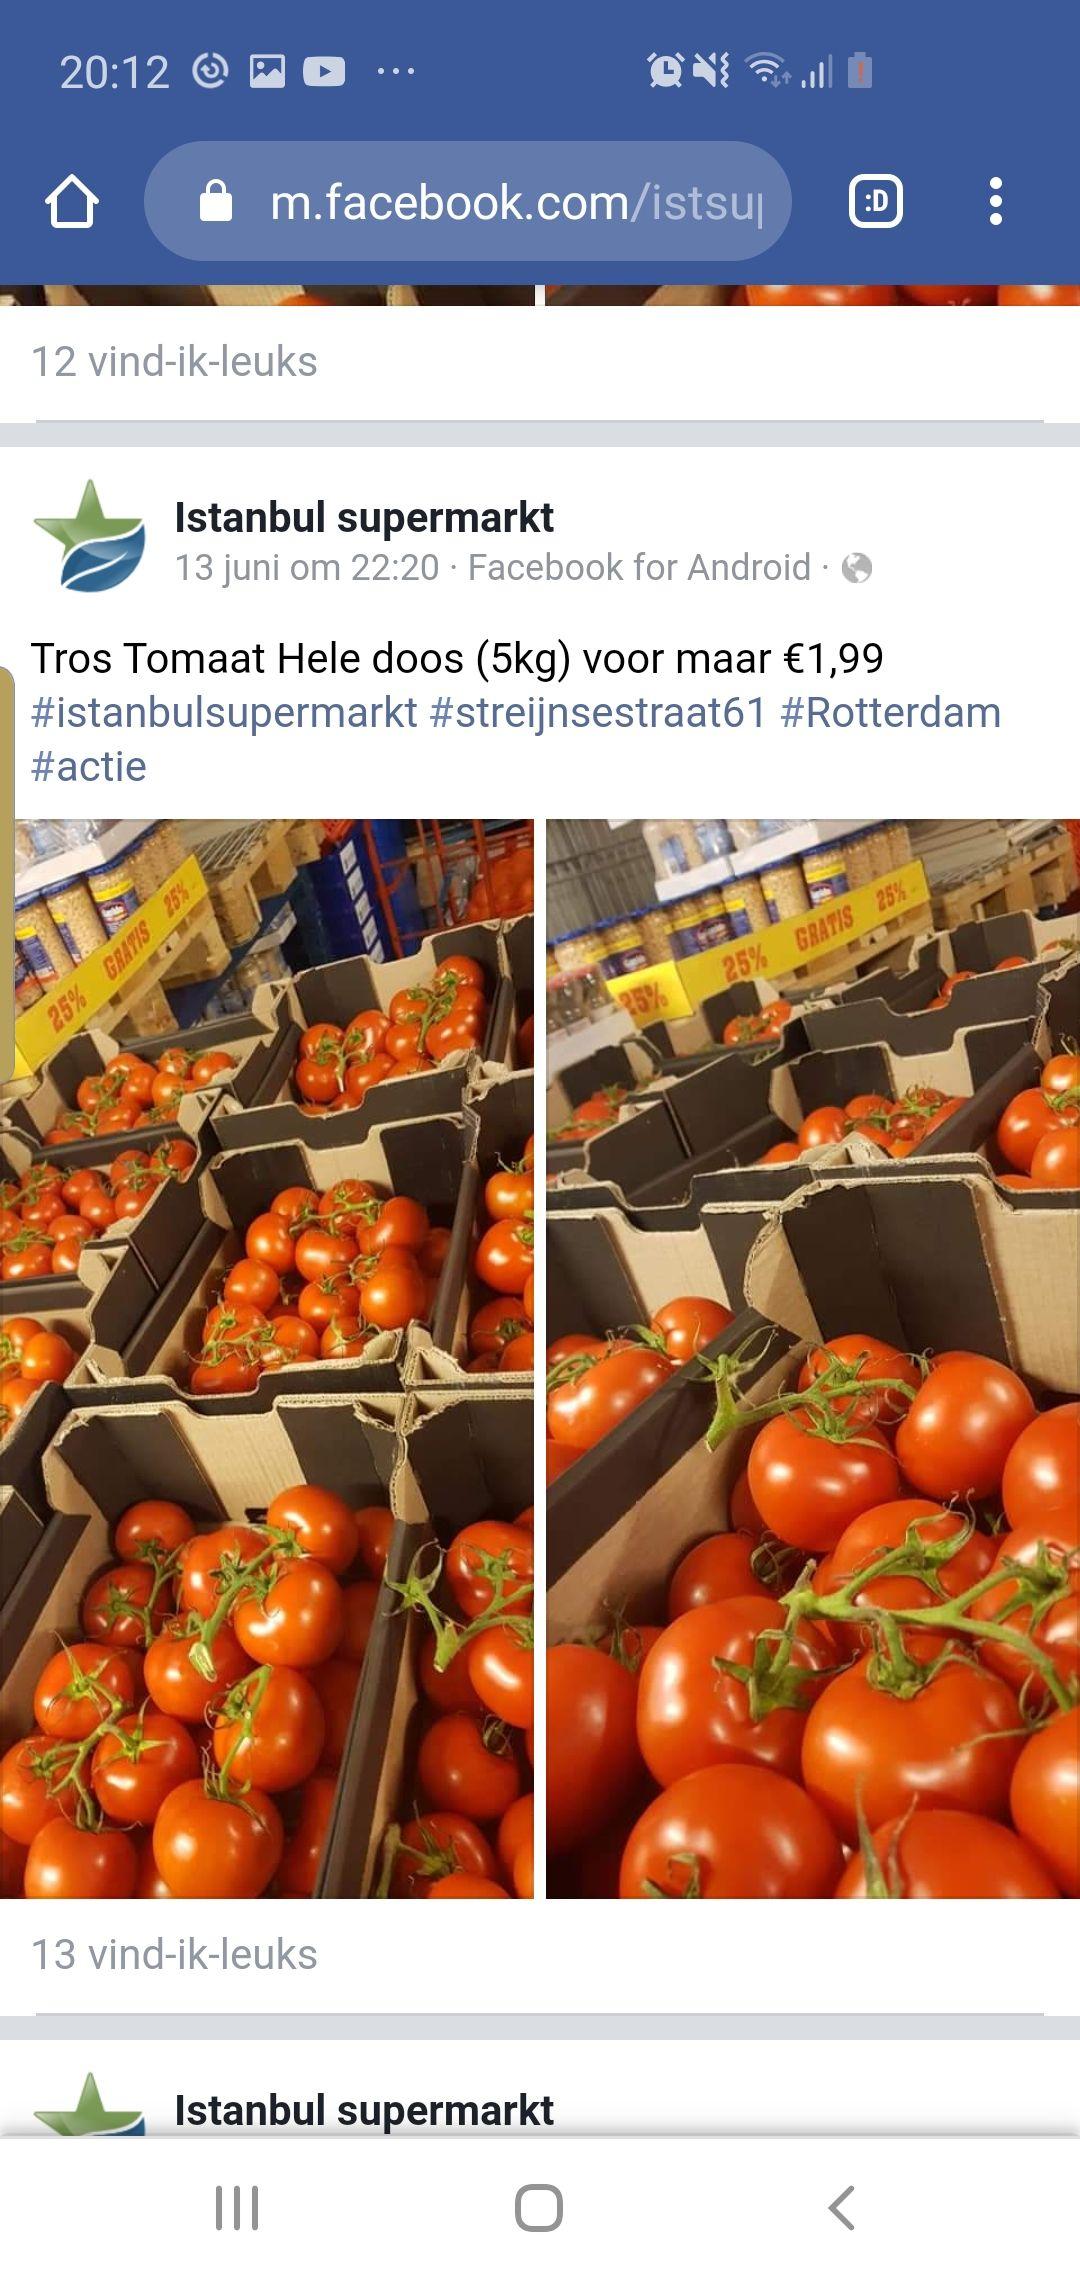 [LOKAAL] 5 kilo tomaten @ Istanbul supermarkt